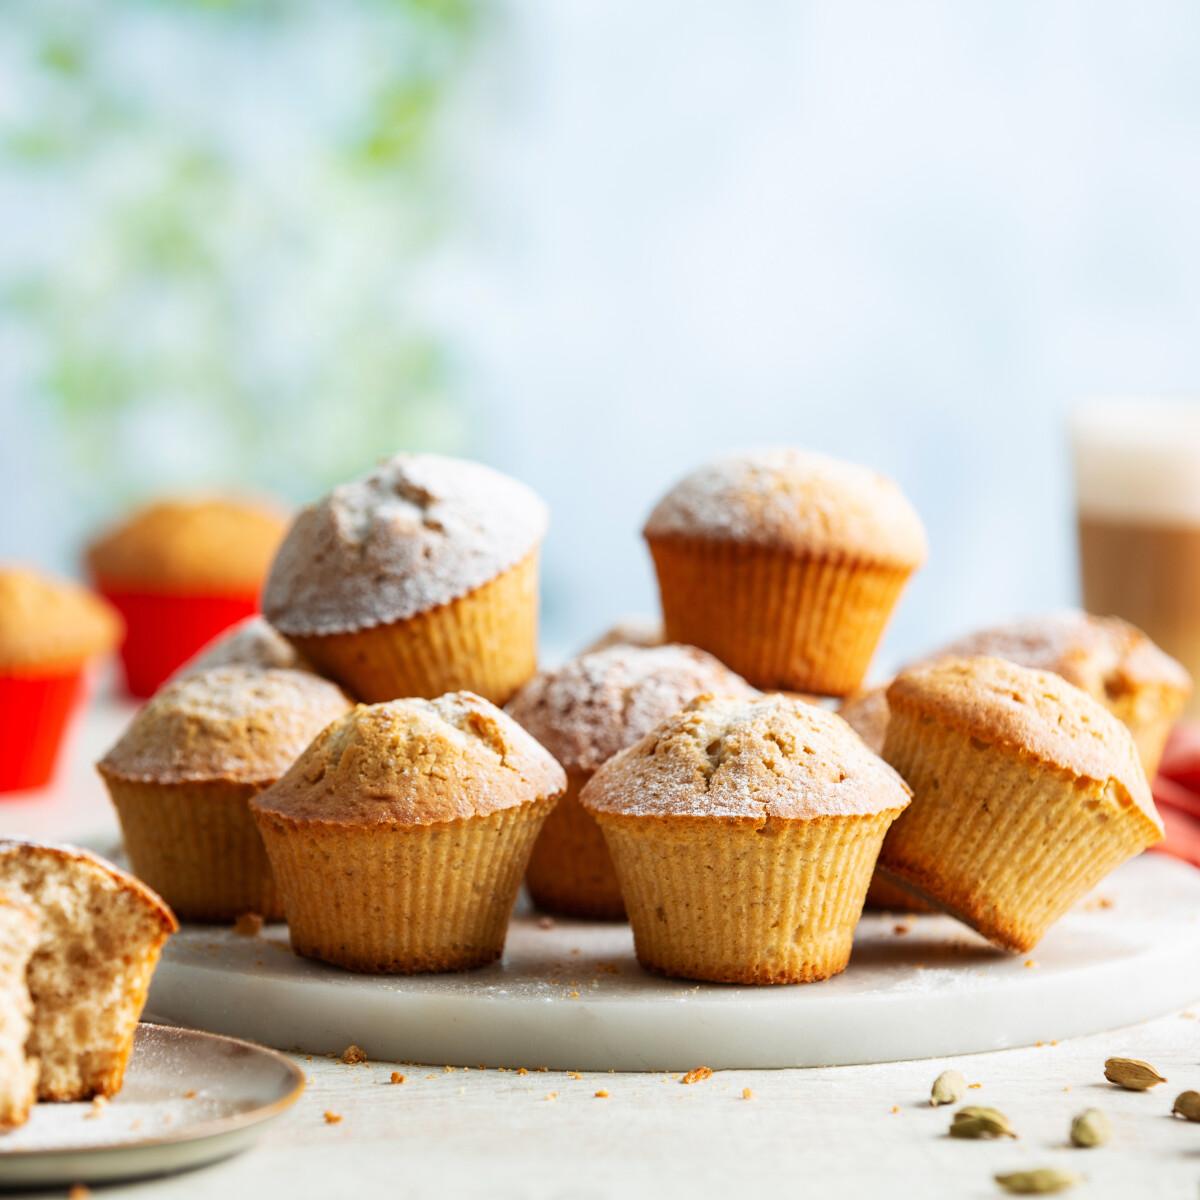 Ezen a képen: Mézeskalácsos muffin Philips Airfryerben készítve